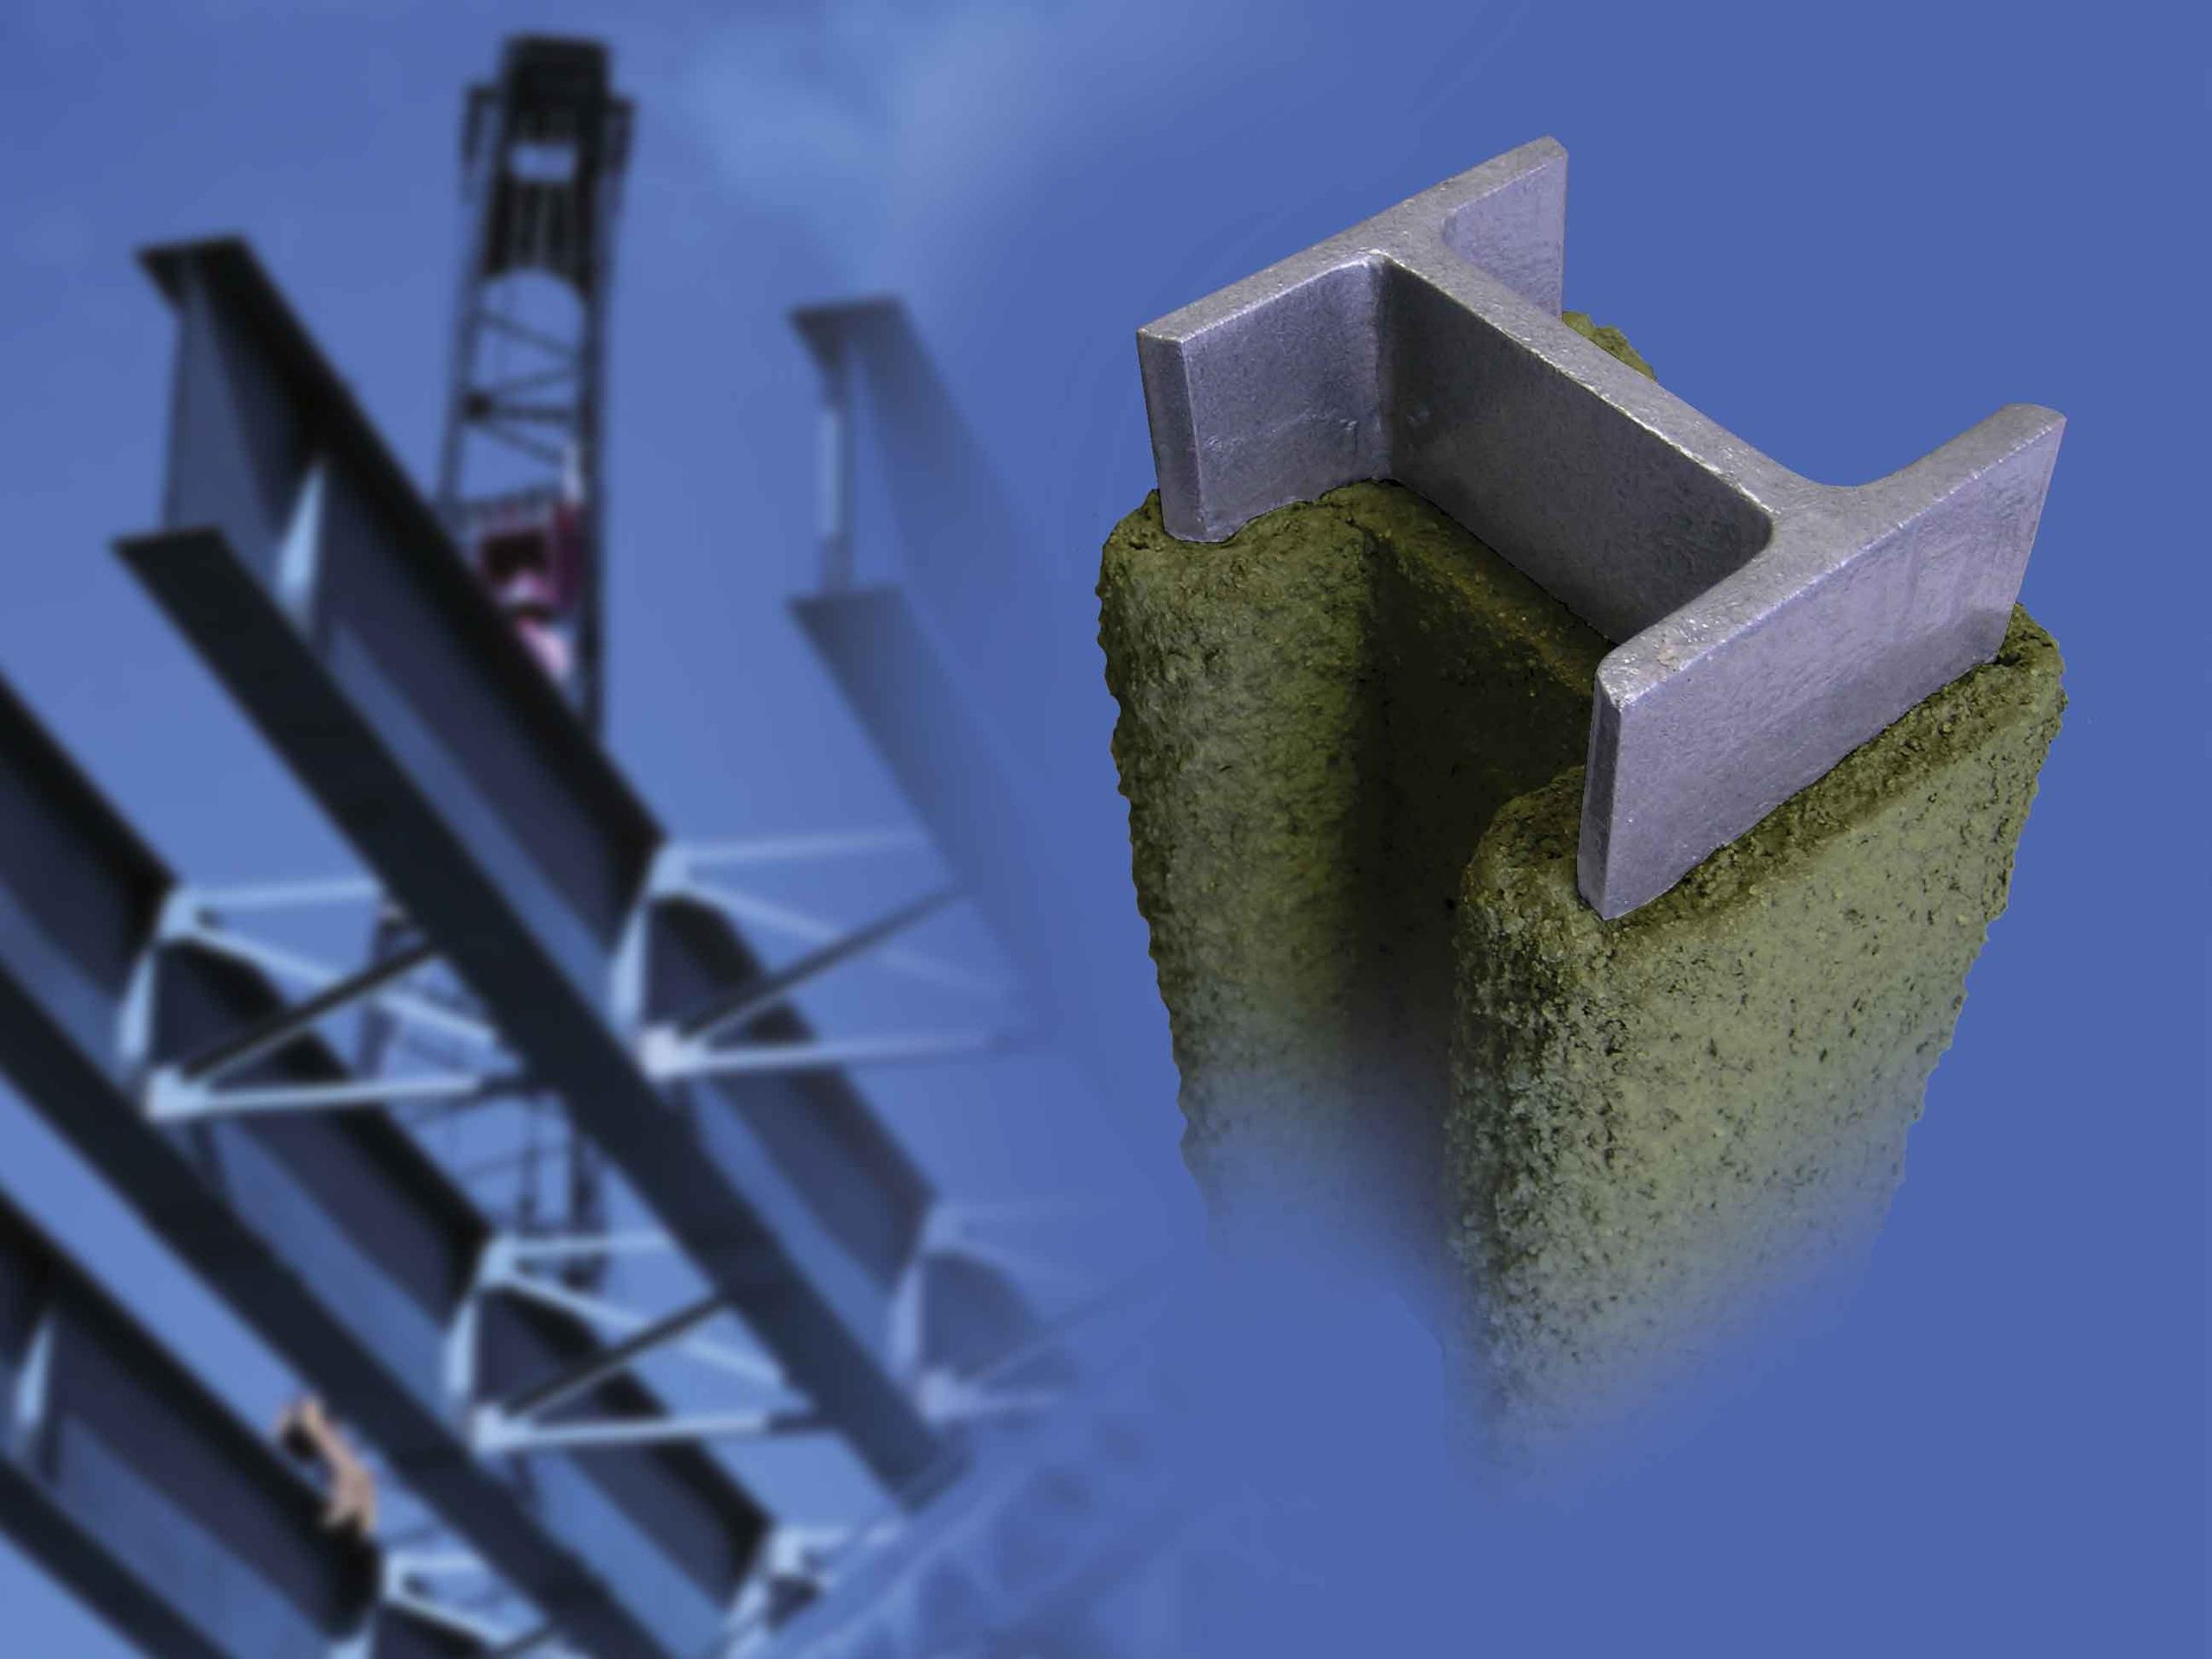 Путем огнезащитной обработки на конструкции образуется поверхность (покрытие) из негорючего состава. Это позволит конструкции дольше сохранять несущие способности, выдерживать нагрузки при пожаре.